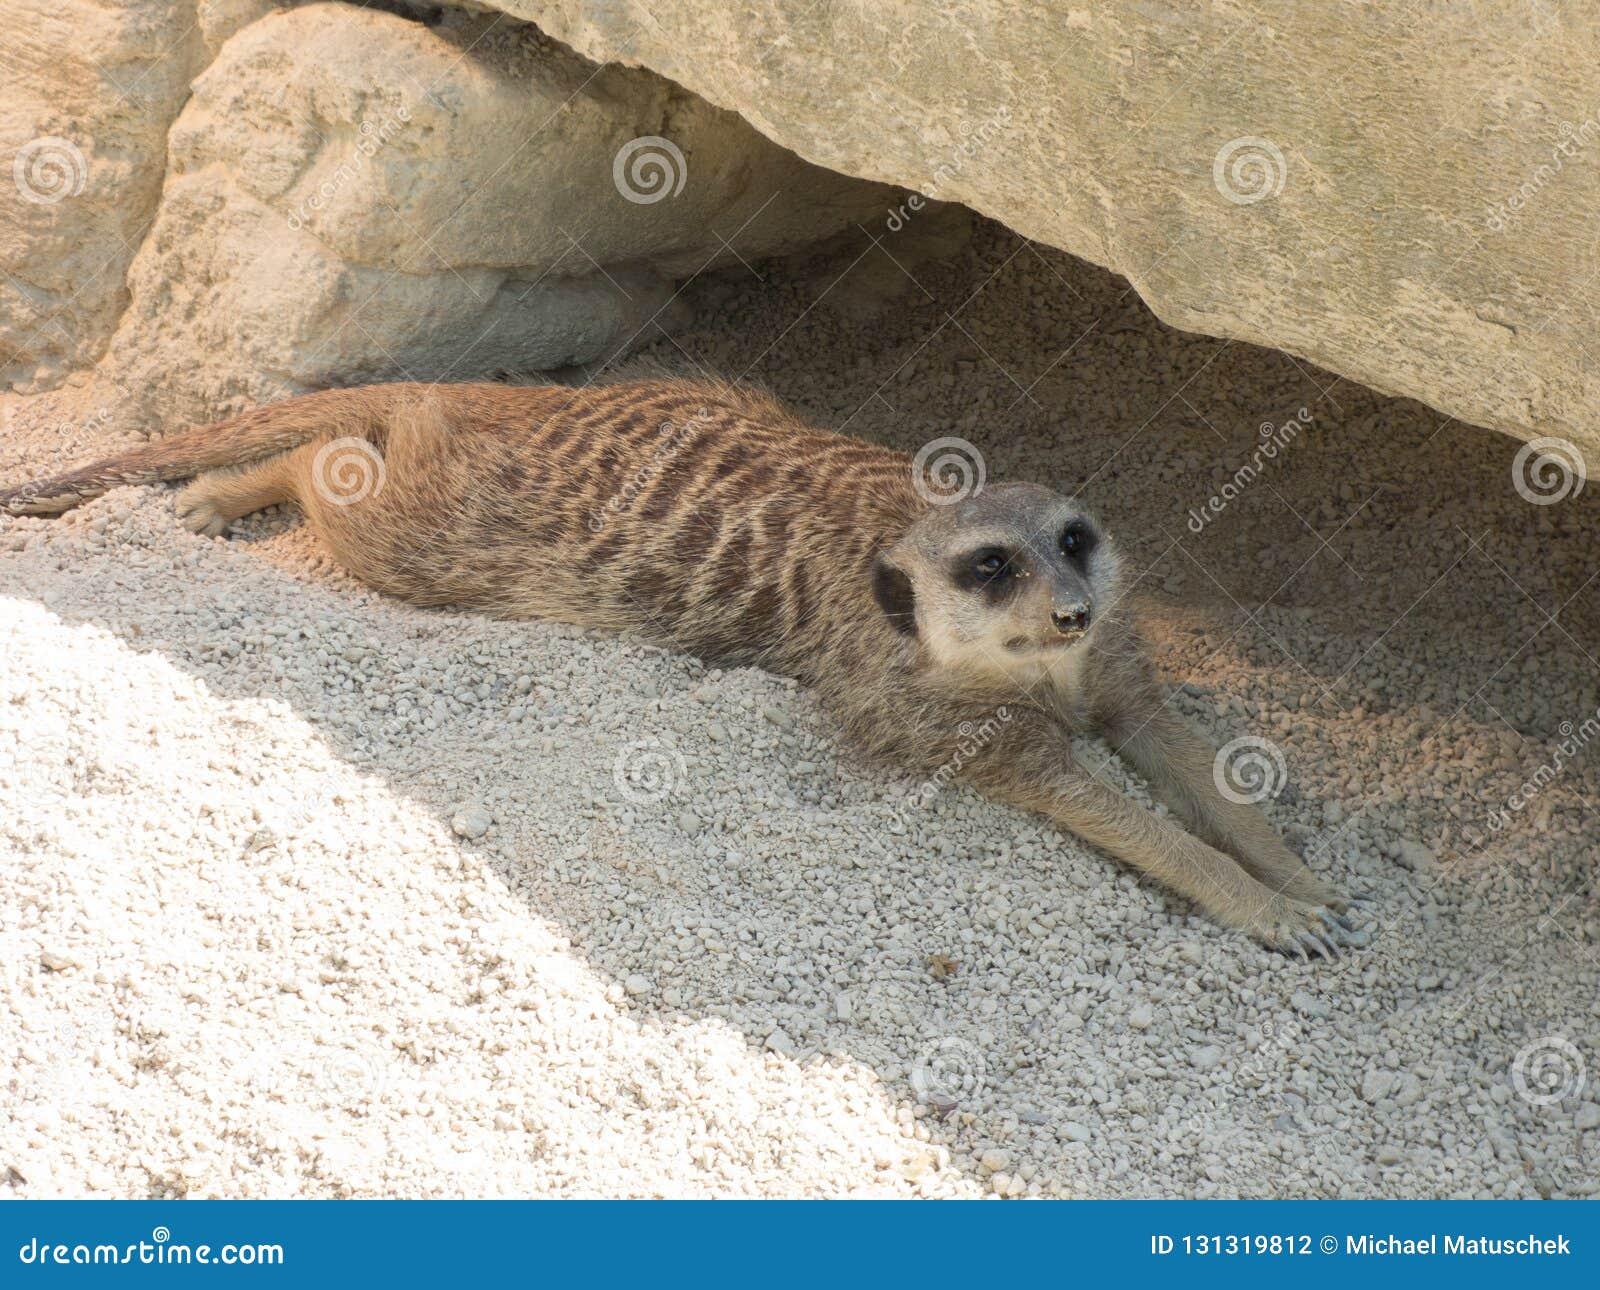 Verscheidene meerkats in de dierentuin, die op zand zitten